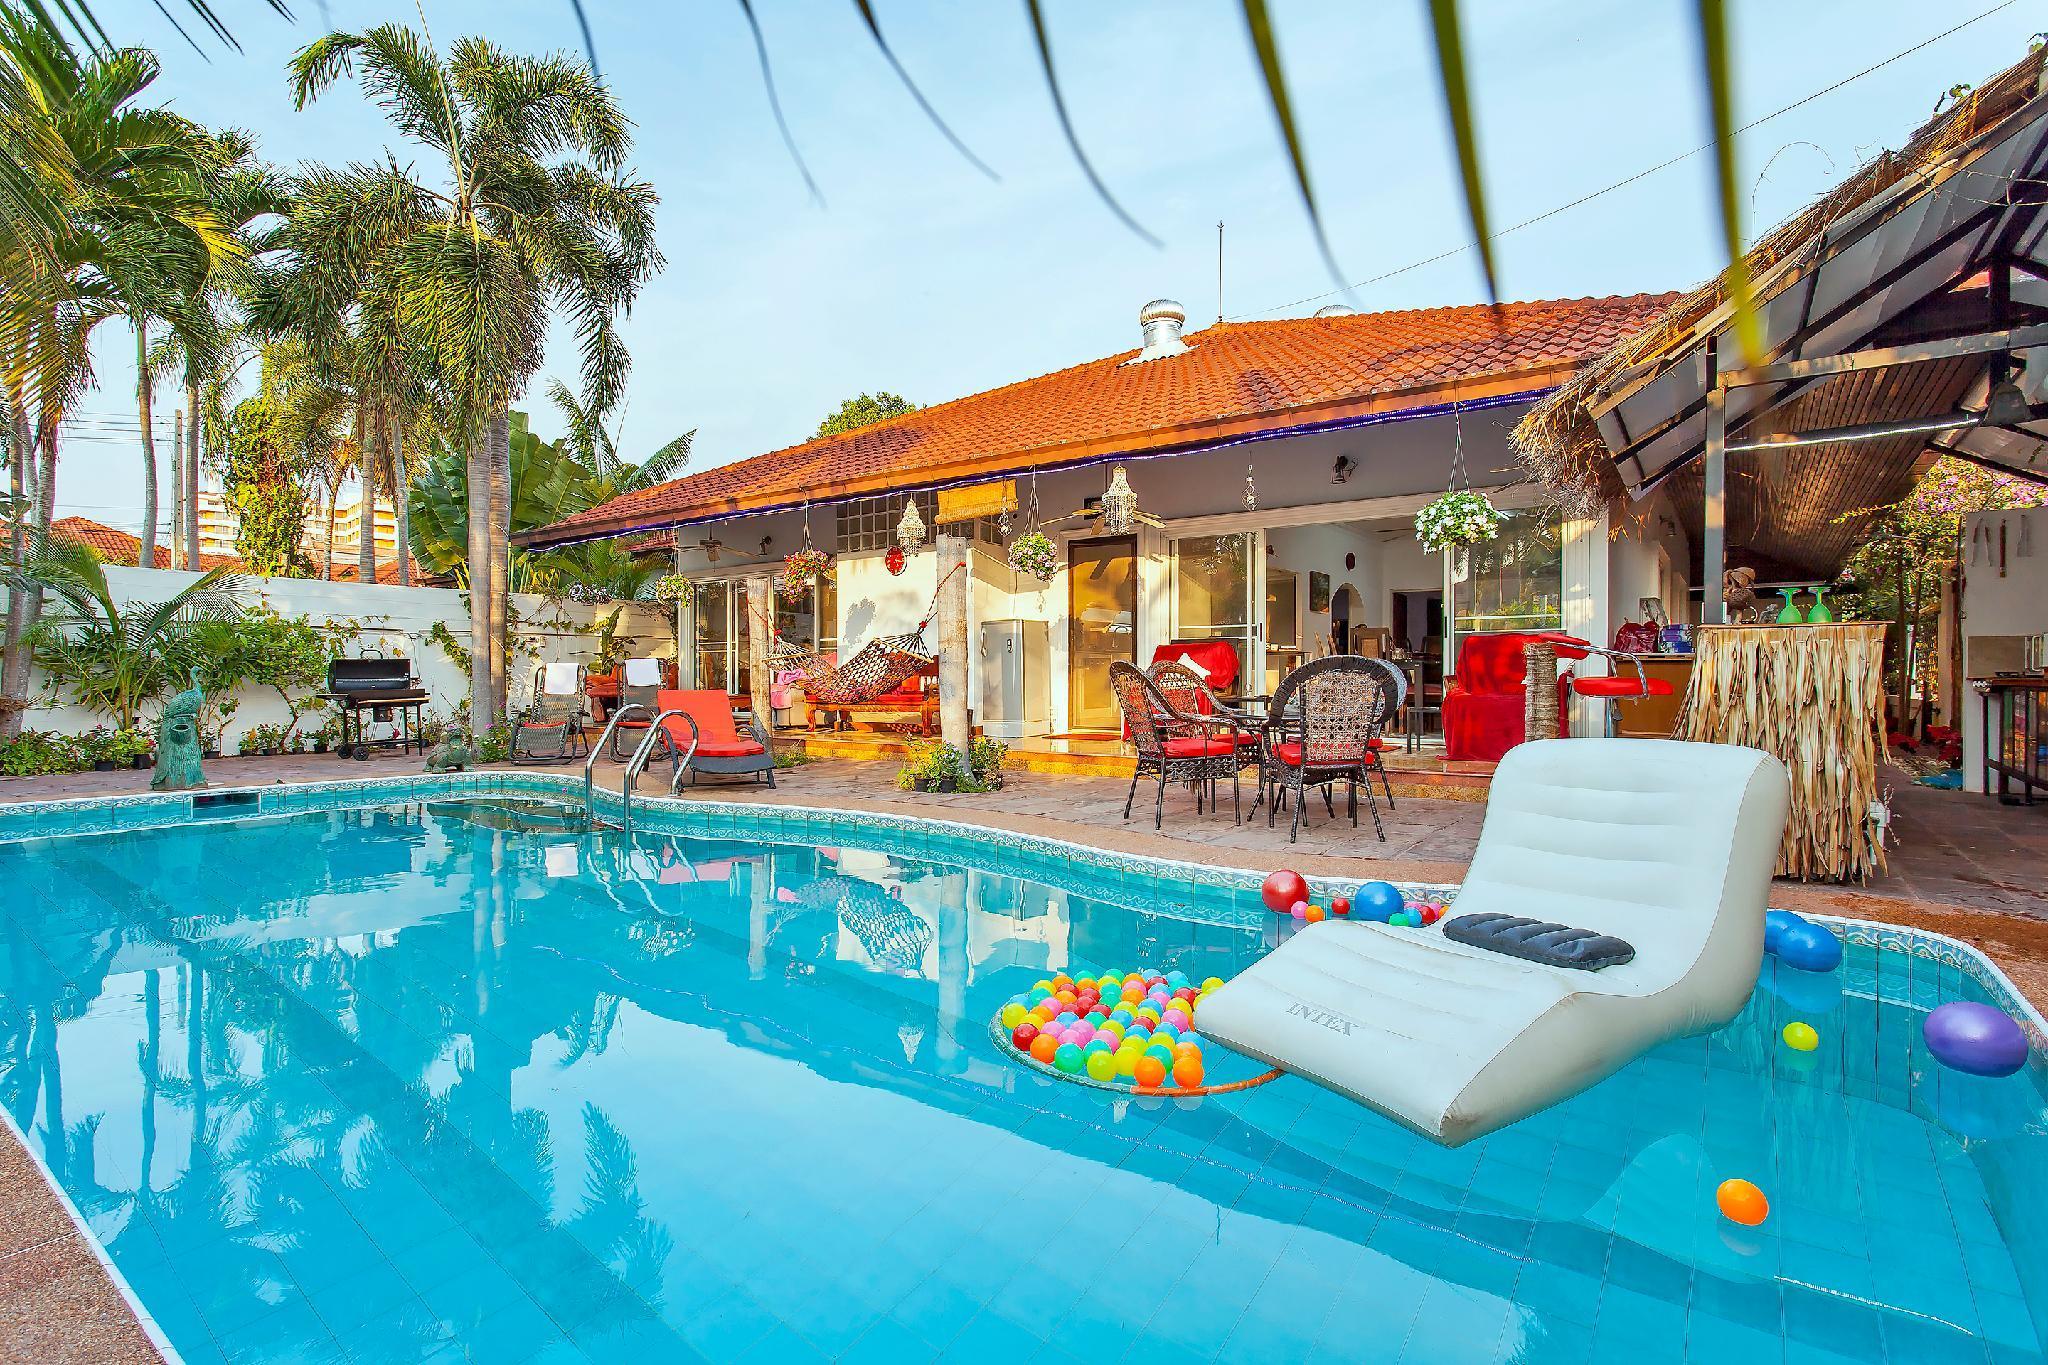 Summer Palms   Homely 4 Bedroom Pool Villa